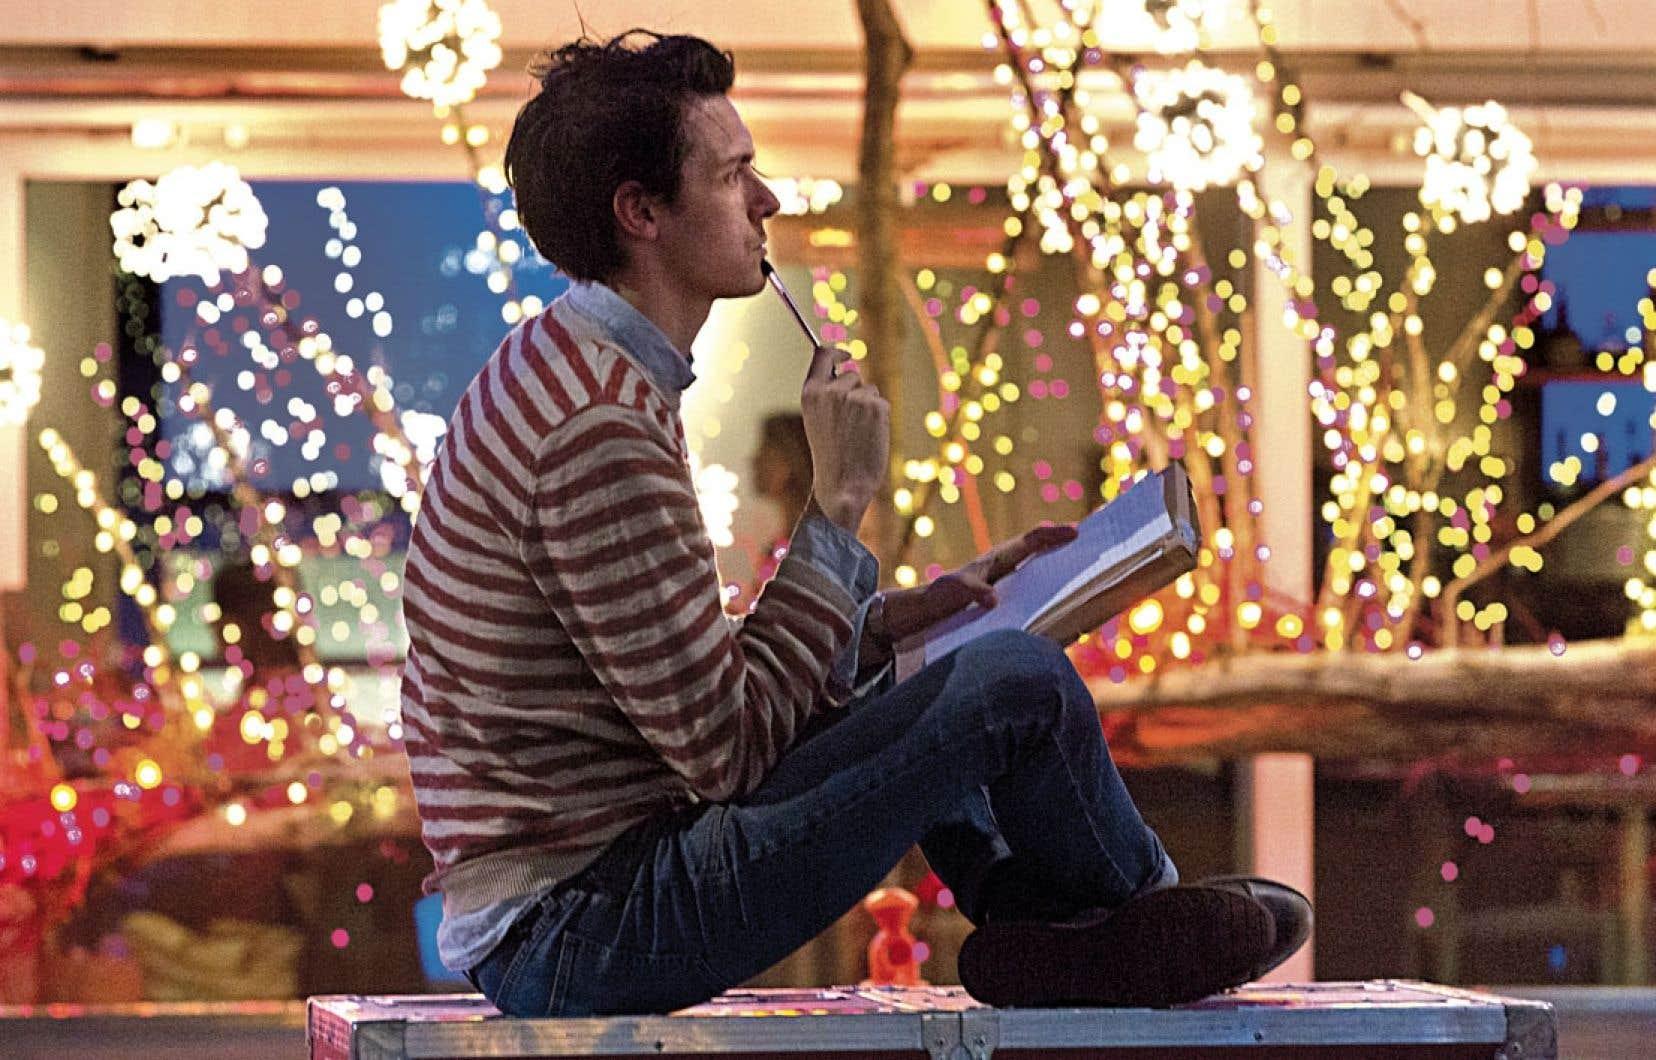 Cher père Noël, ma lettre sera brève : auriez-vous l'adresse de la Fée des étoiles ?